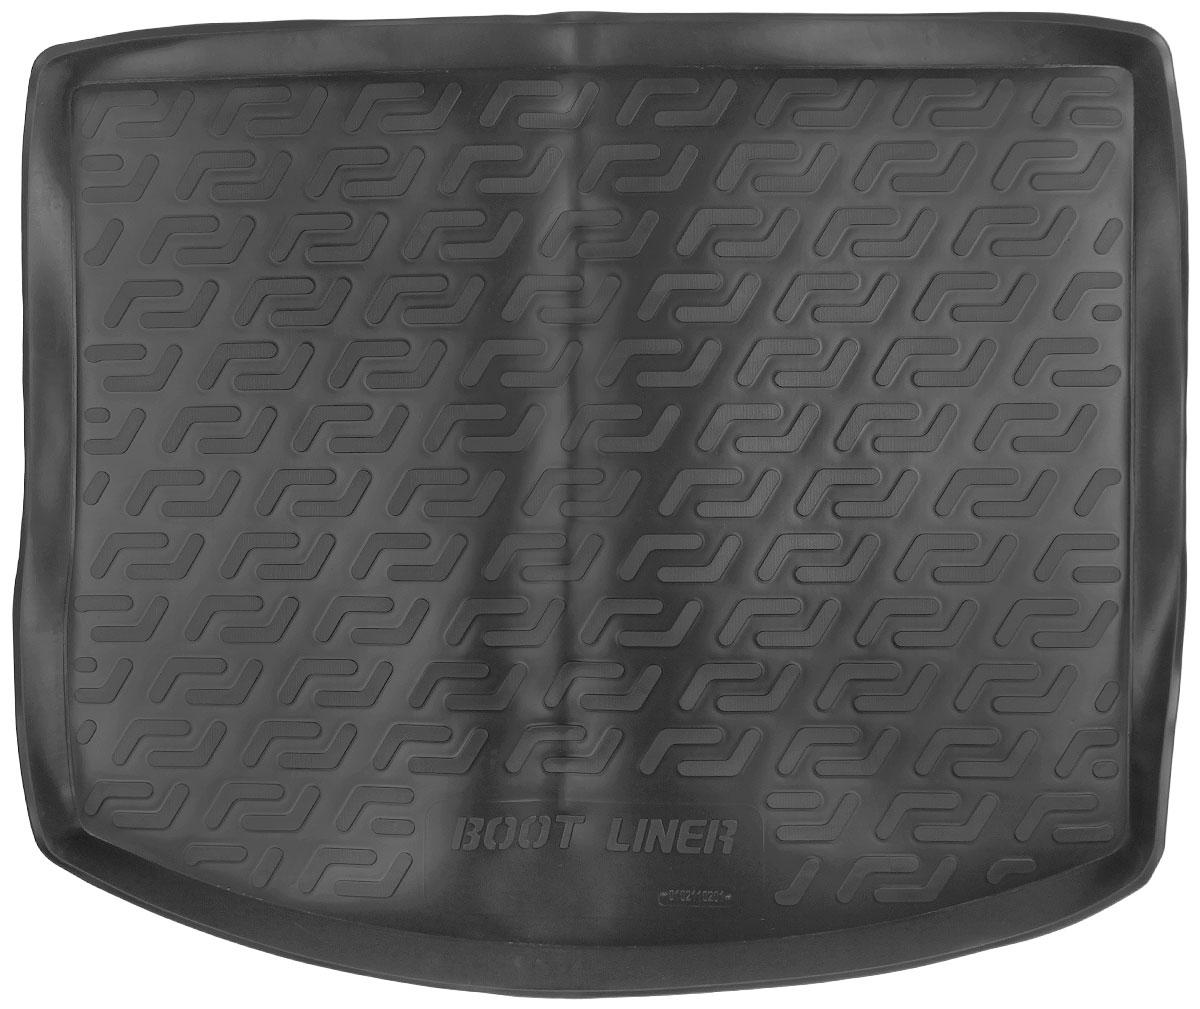 Коврик автомобильный L.Locker Ford Kuga (2) 2012, в багажник0102110201Коврик L.Locker Ford Kuga (2) 2012, изготовленный из полиуретана, производятся индивидуально для каждой модели автомобиля. Изделие точно повторяет геометрию пола автомобиля, имеет высокий борт, обладает повышенной износоустойчивостью, лишен резкого запаха и сохраняет свои потребительские свойства в широком диапазоне температур от -50°С до +80°С.